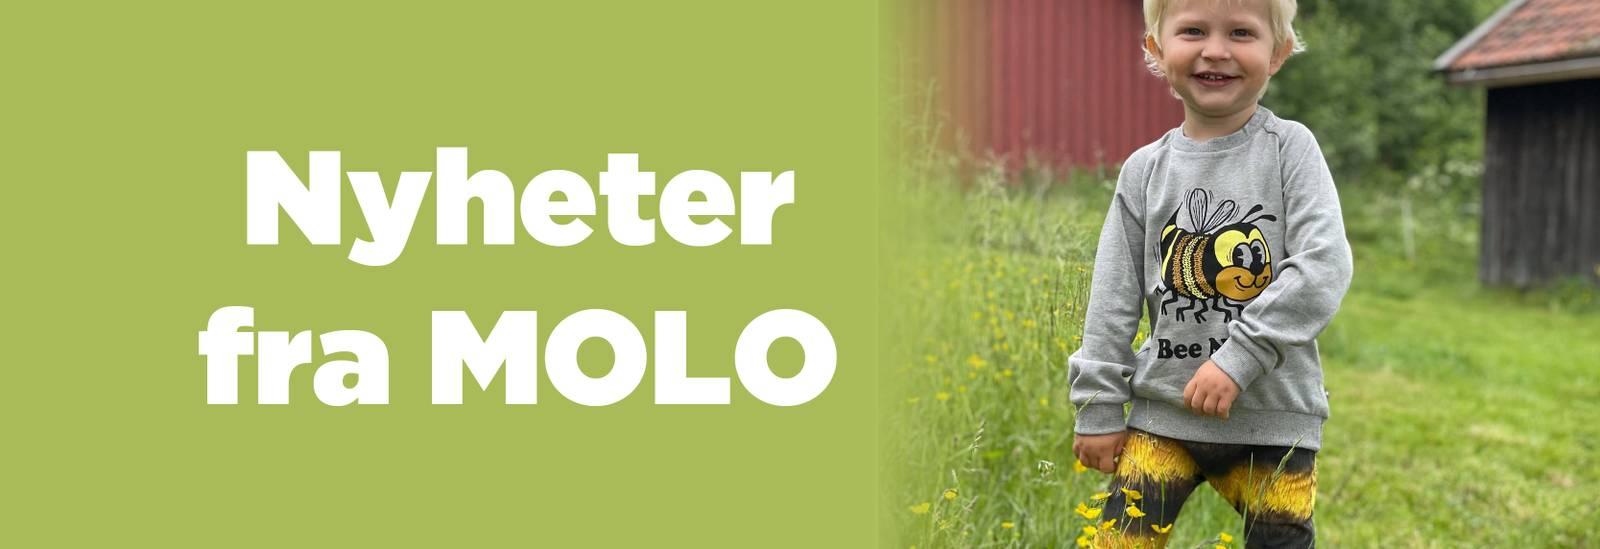 Nyheter fra MOLO